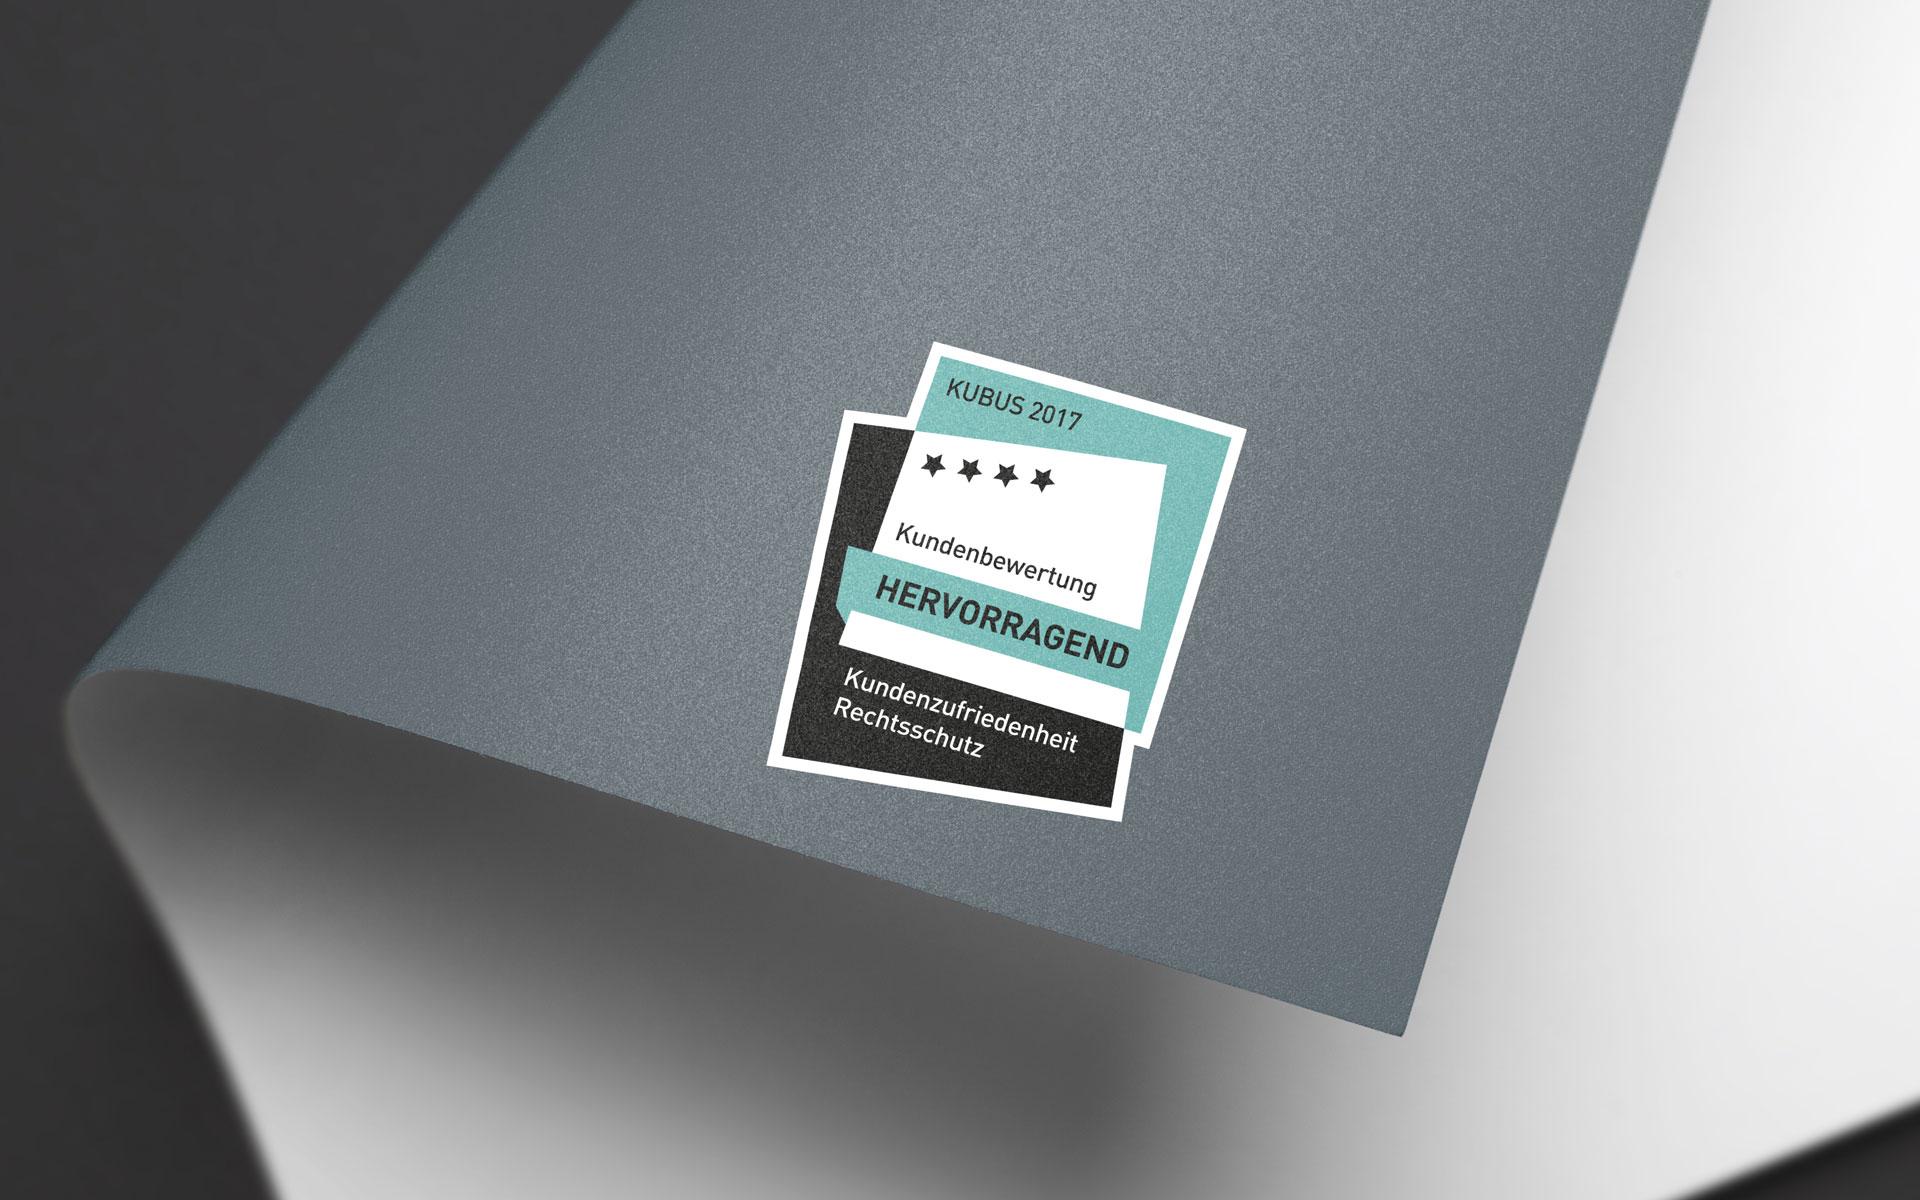 MSR Consulting Group GmbH , Gütesiegel Redesign, Anwendungsbeispiel